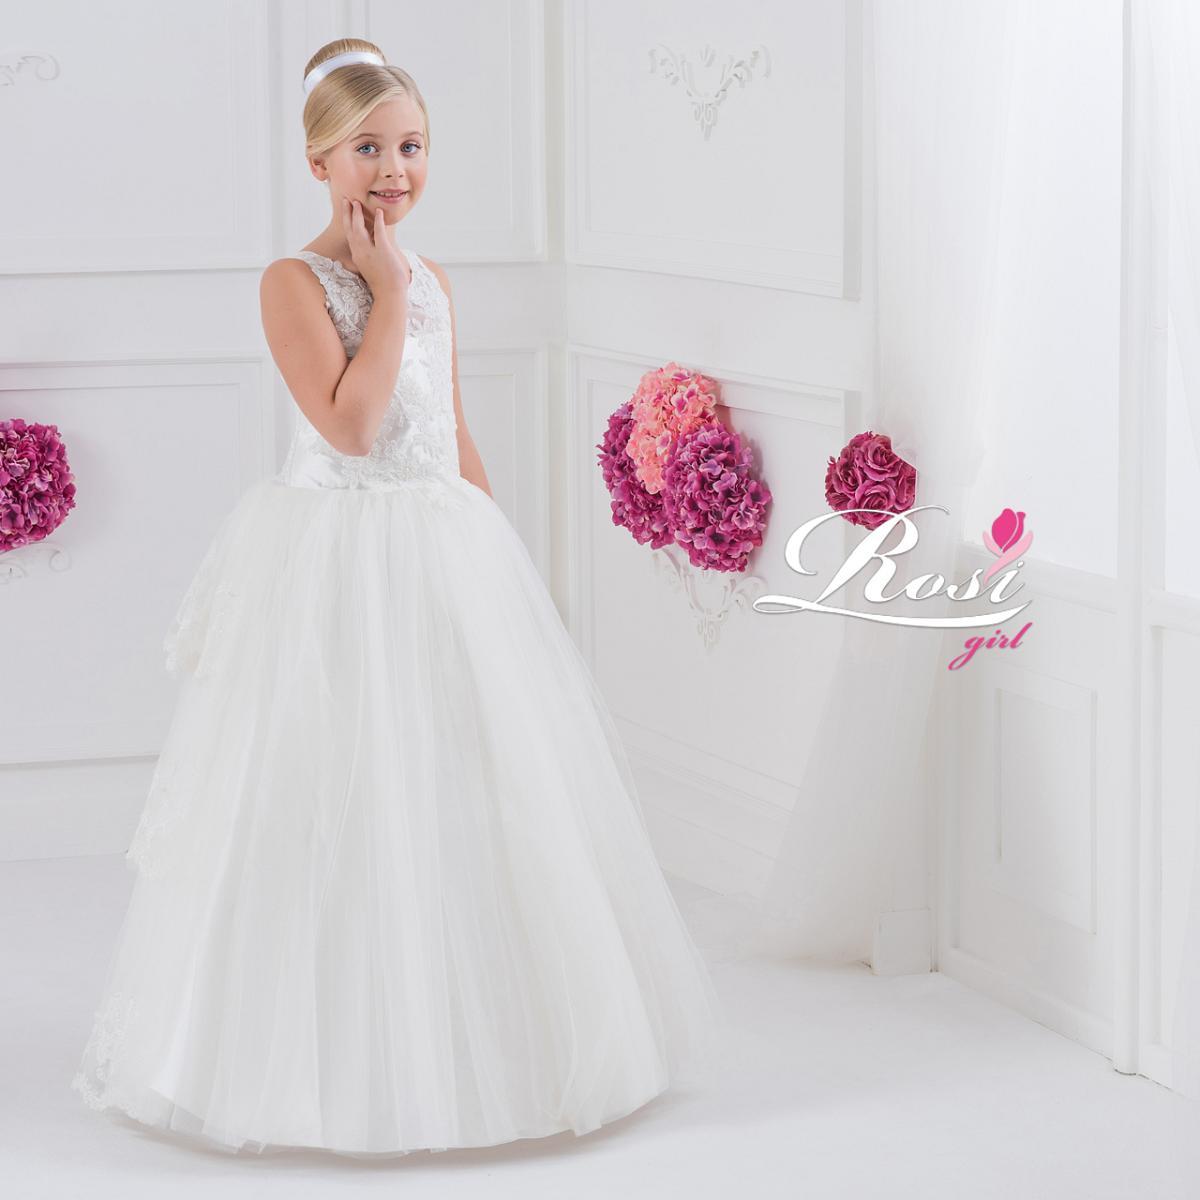 celli-spose-collezione-bambini-2019-rosi-girl-AL-561